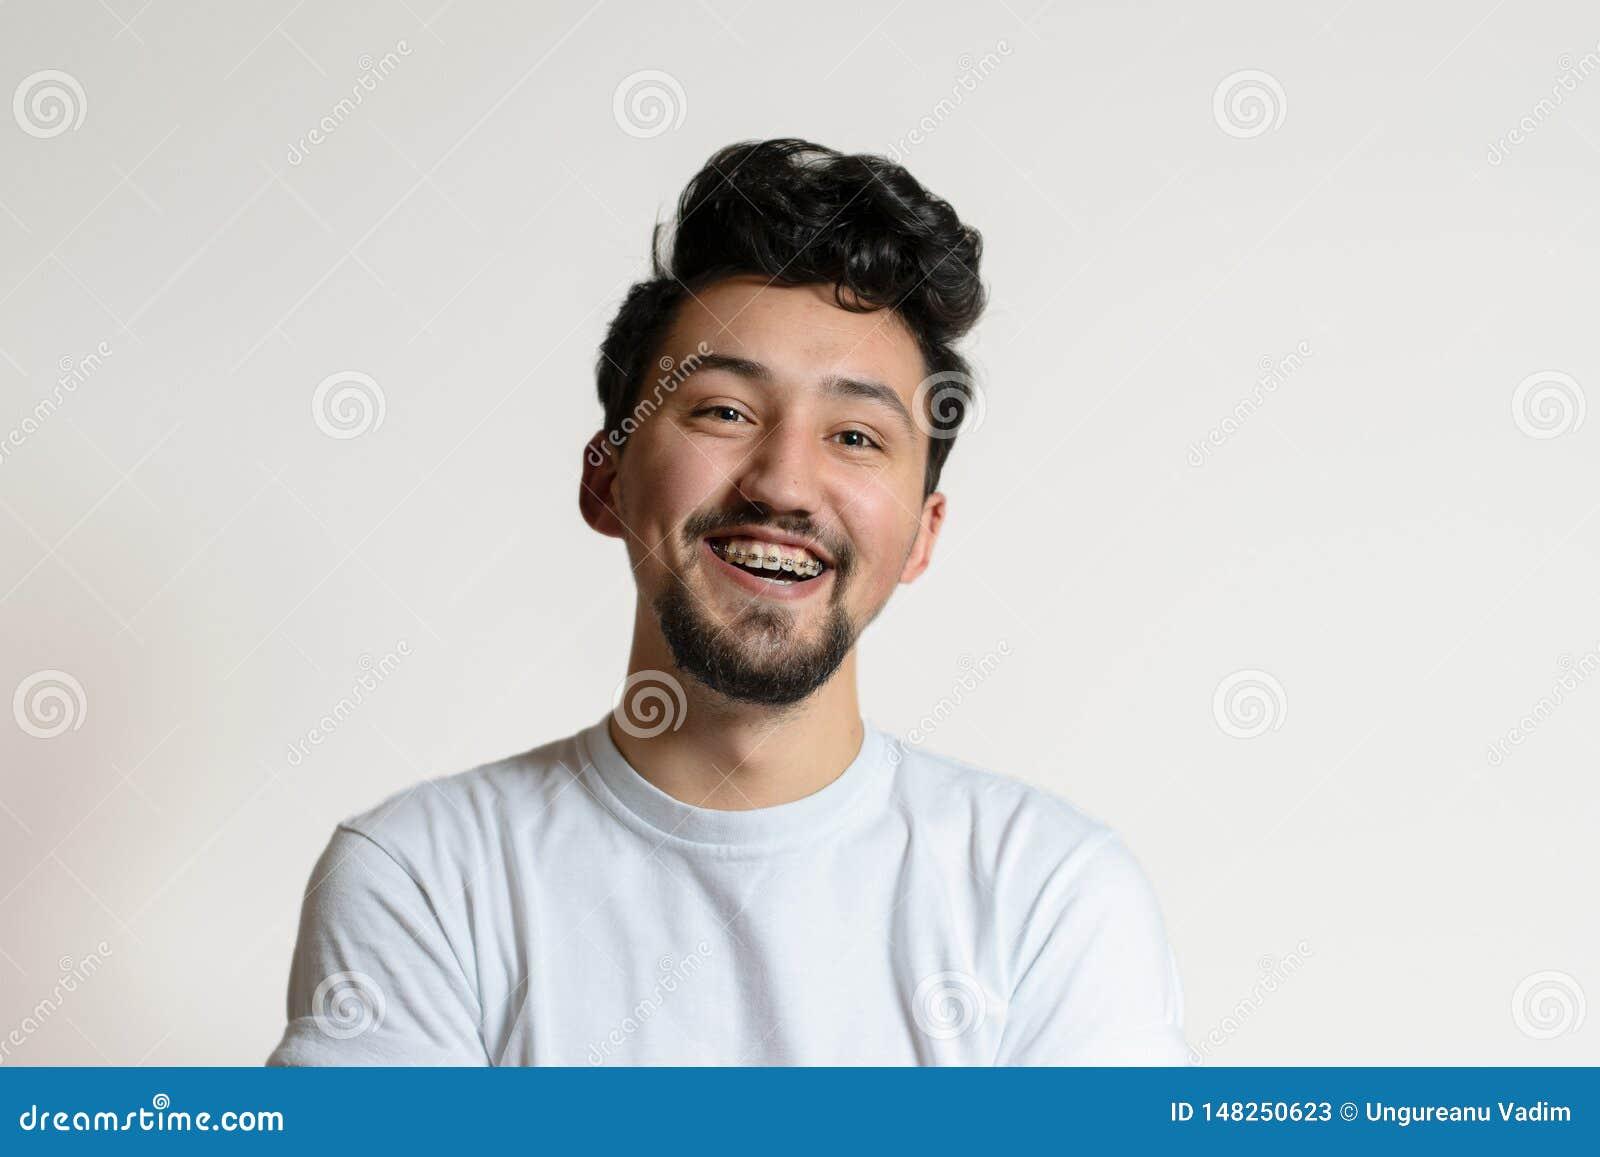 Ritratto di un giovane con i ganci che sorride e che ride Un giovane felice con i ganci su un fondo bianco